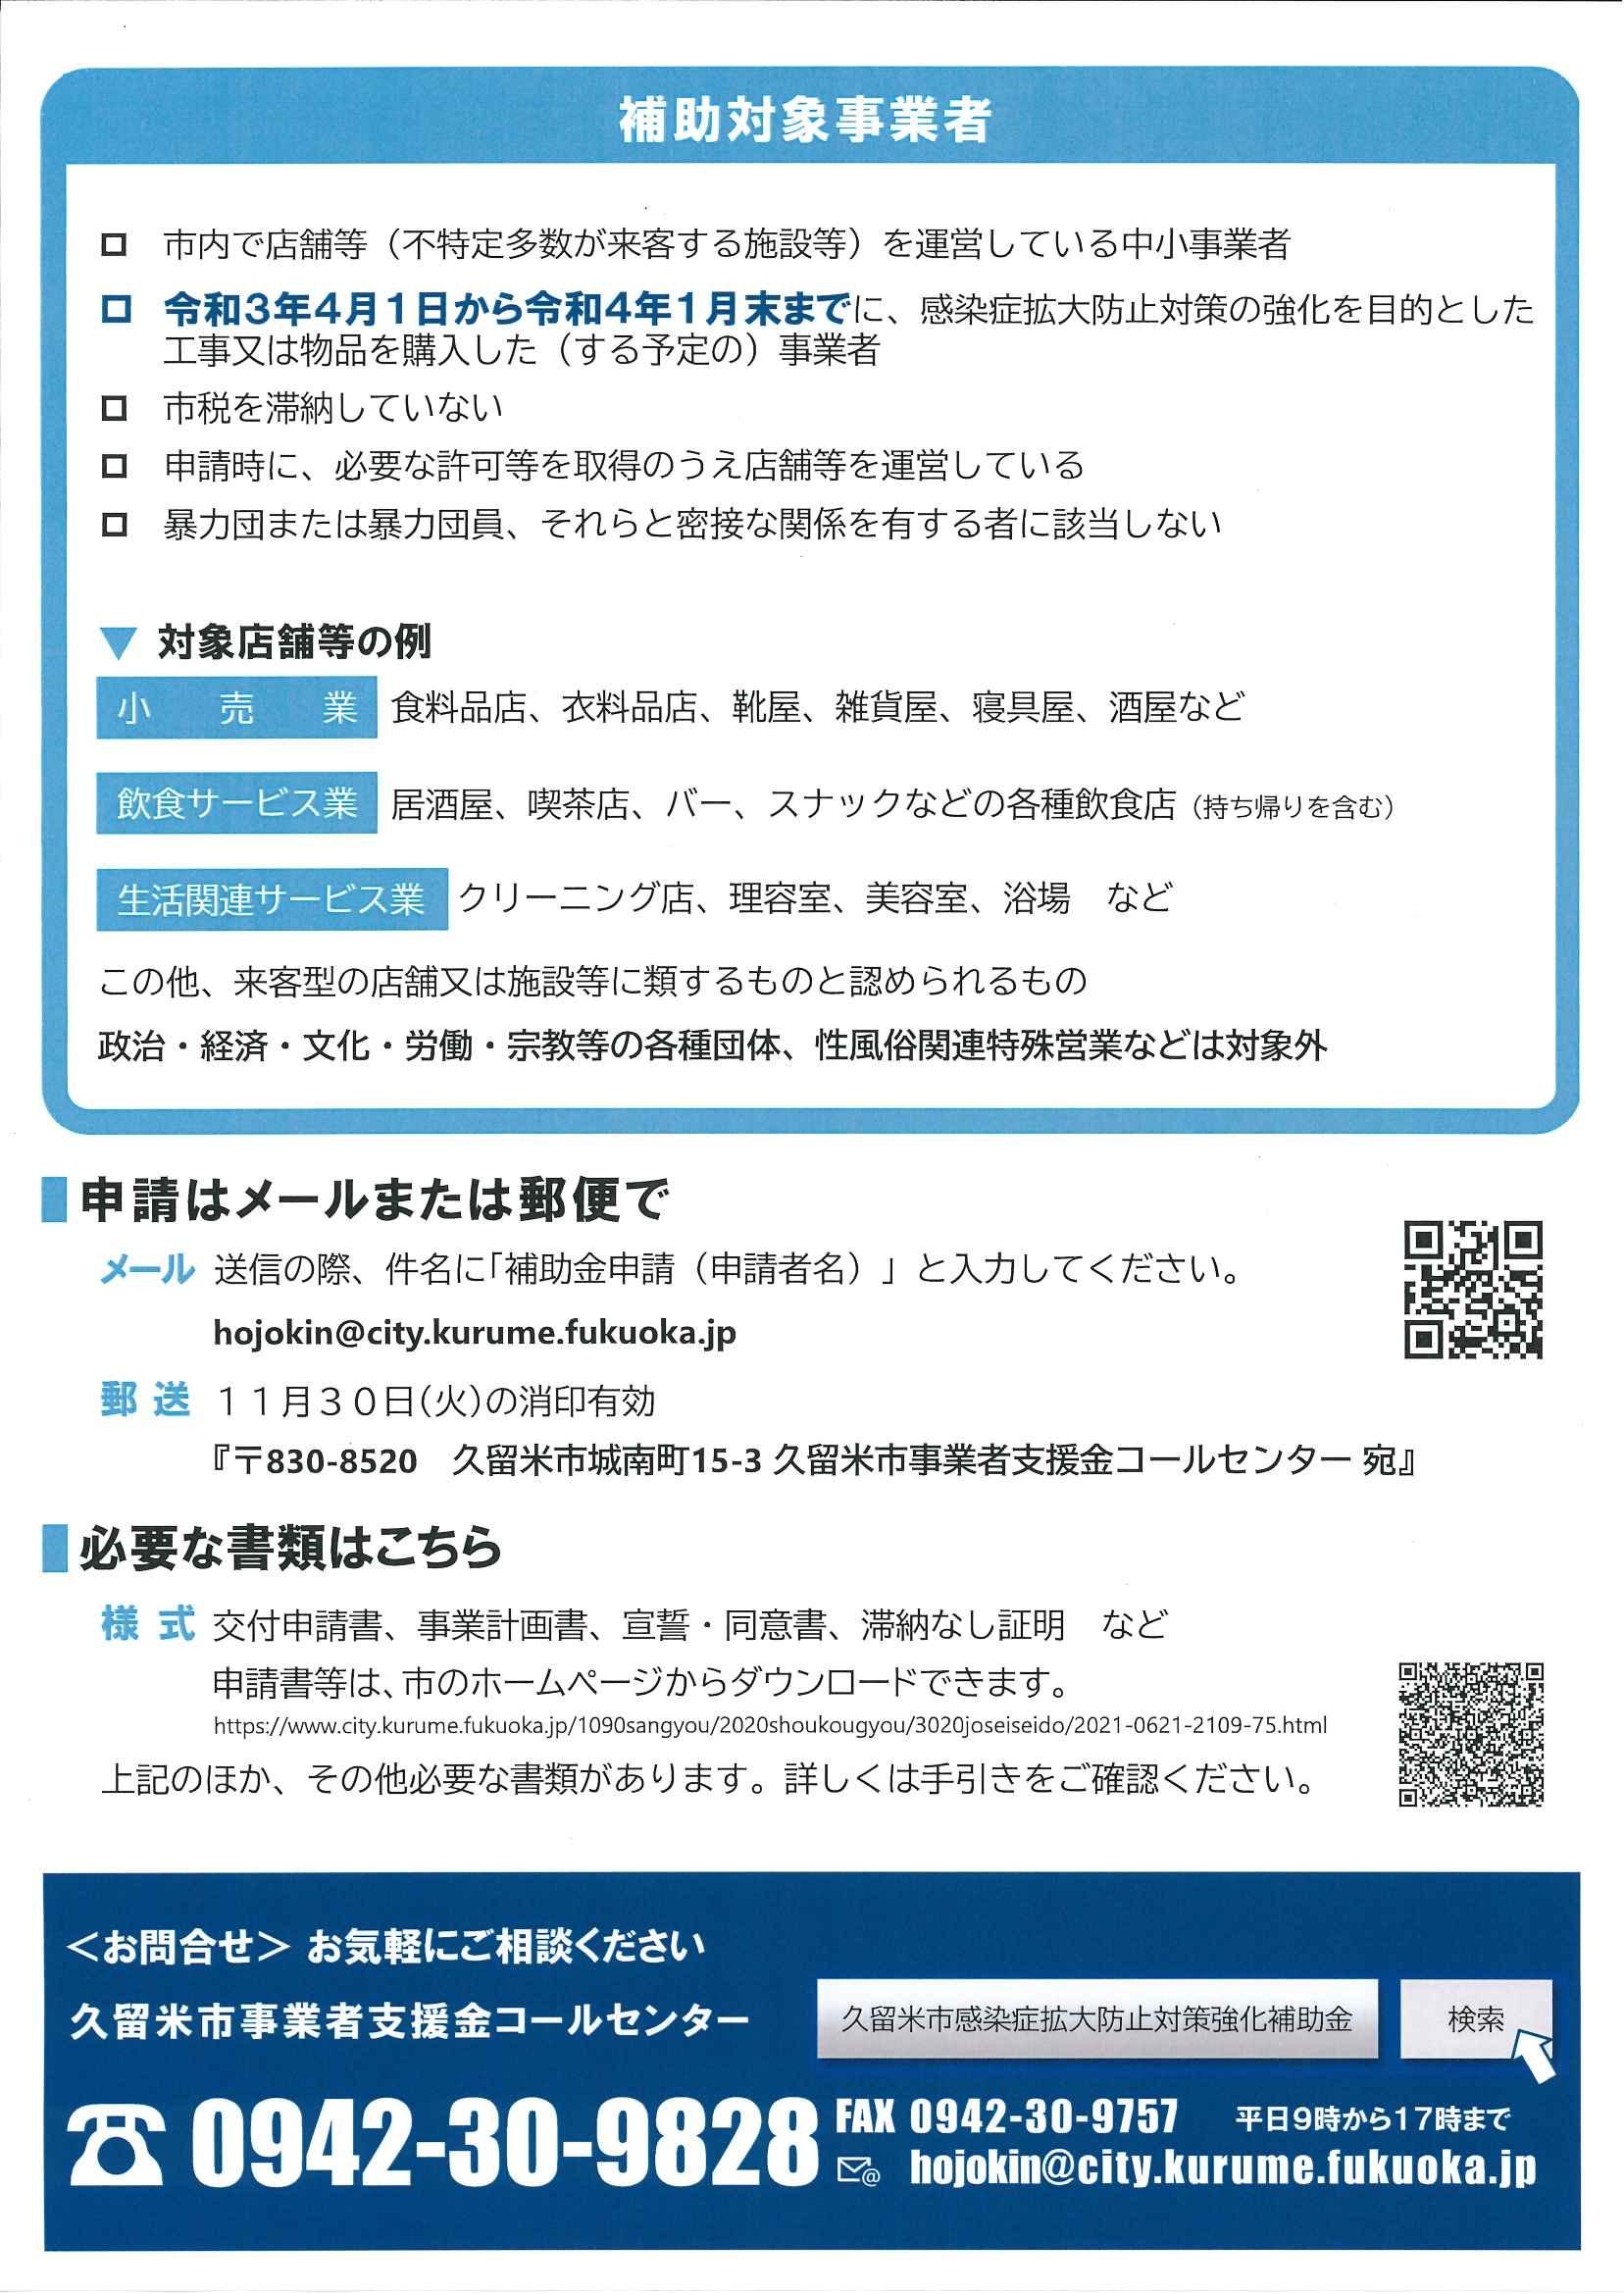 【久留米市】事業者向け支援制度のご案内_f0120774_14054495.jpg